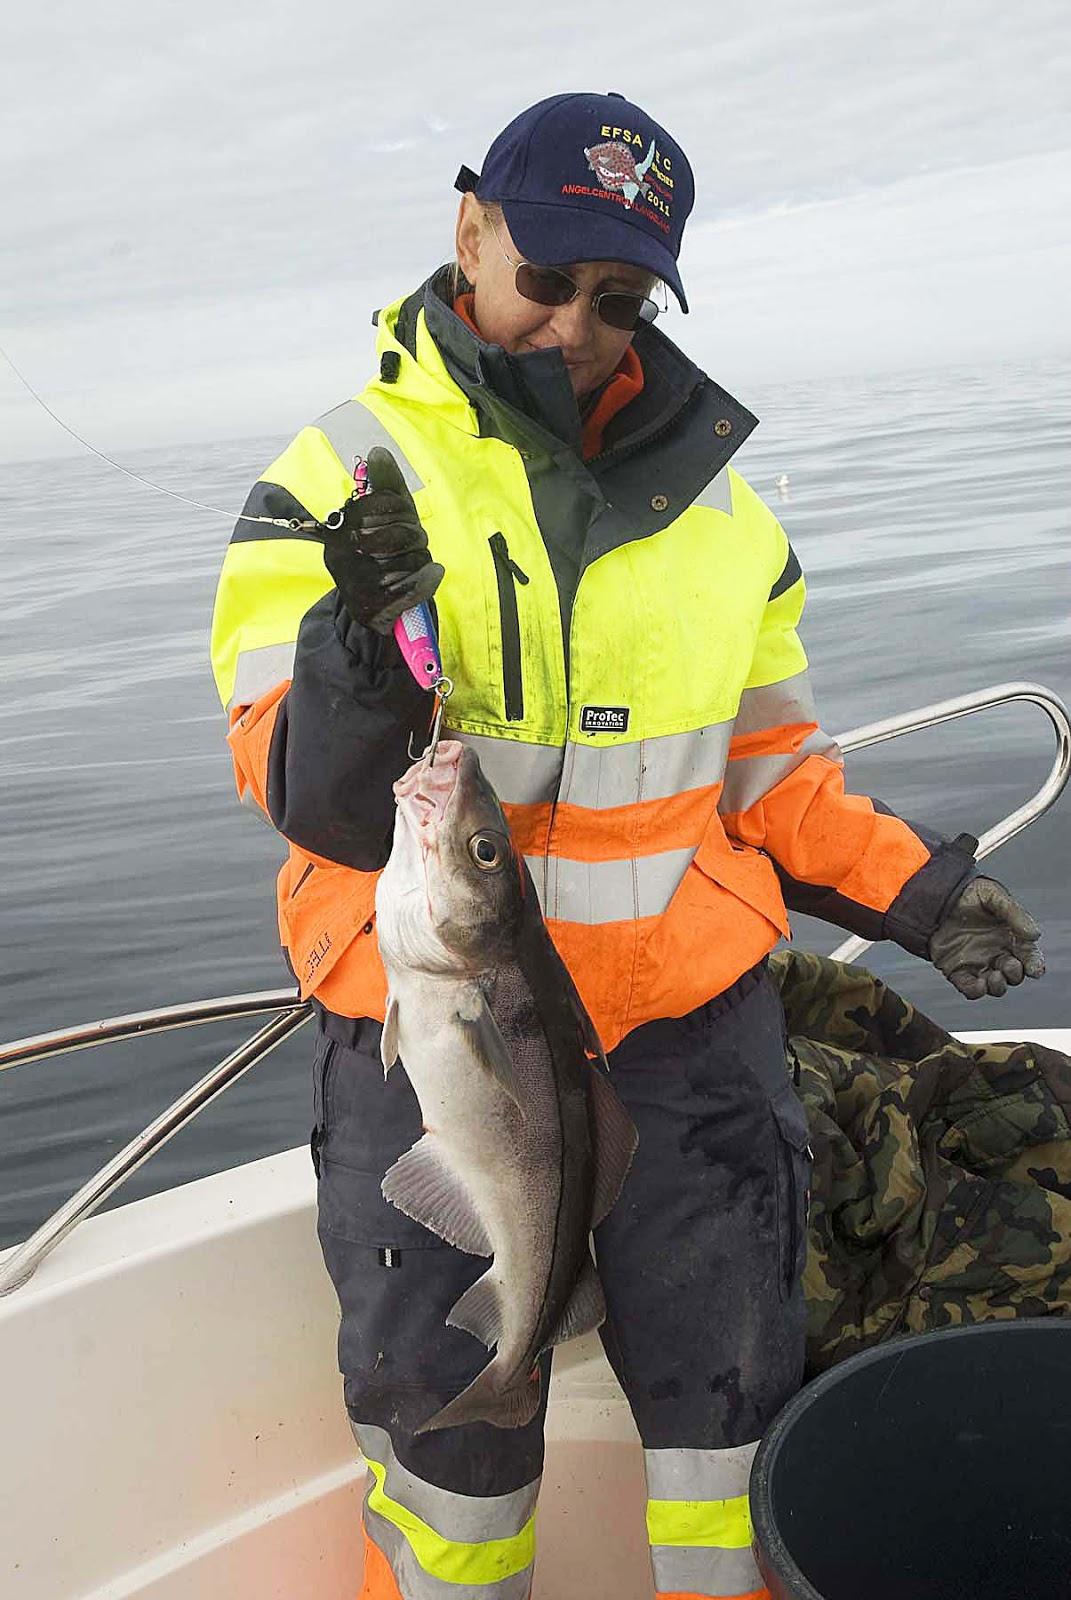 Морская береговая рыбалка в Норвегии